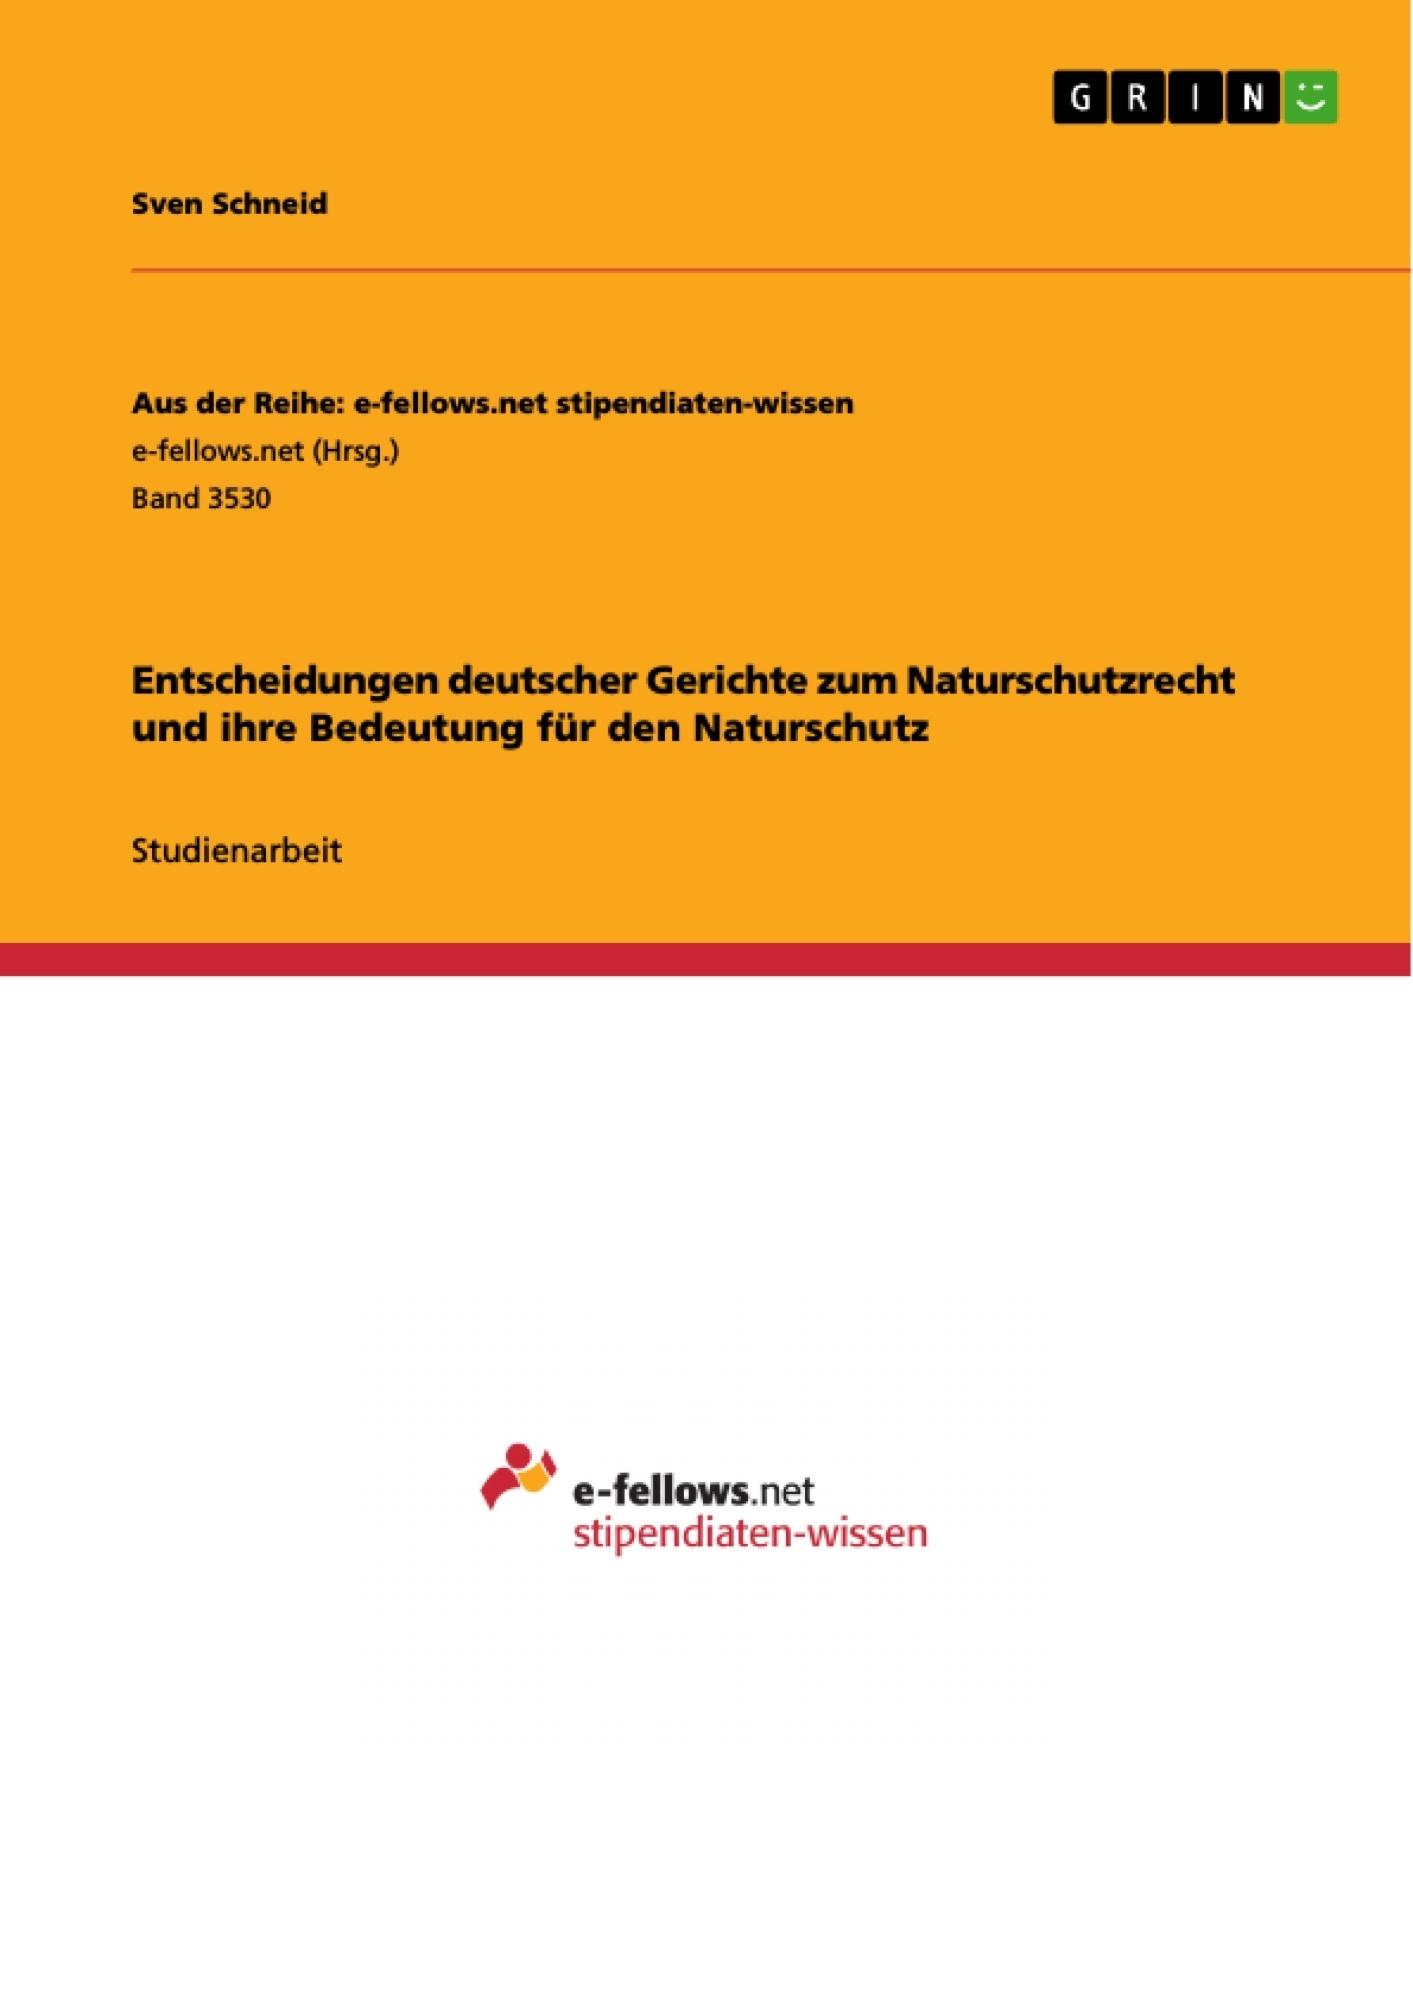 Titel: Entscheidungen deutscher Gerichte zum Naturschutzrecht und ihre Bedeutung für den Naturschutz